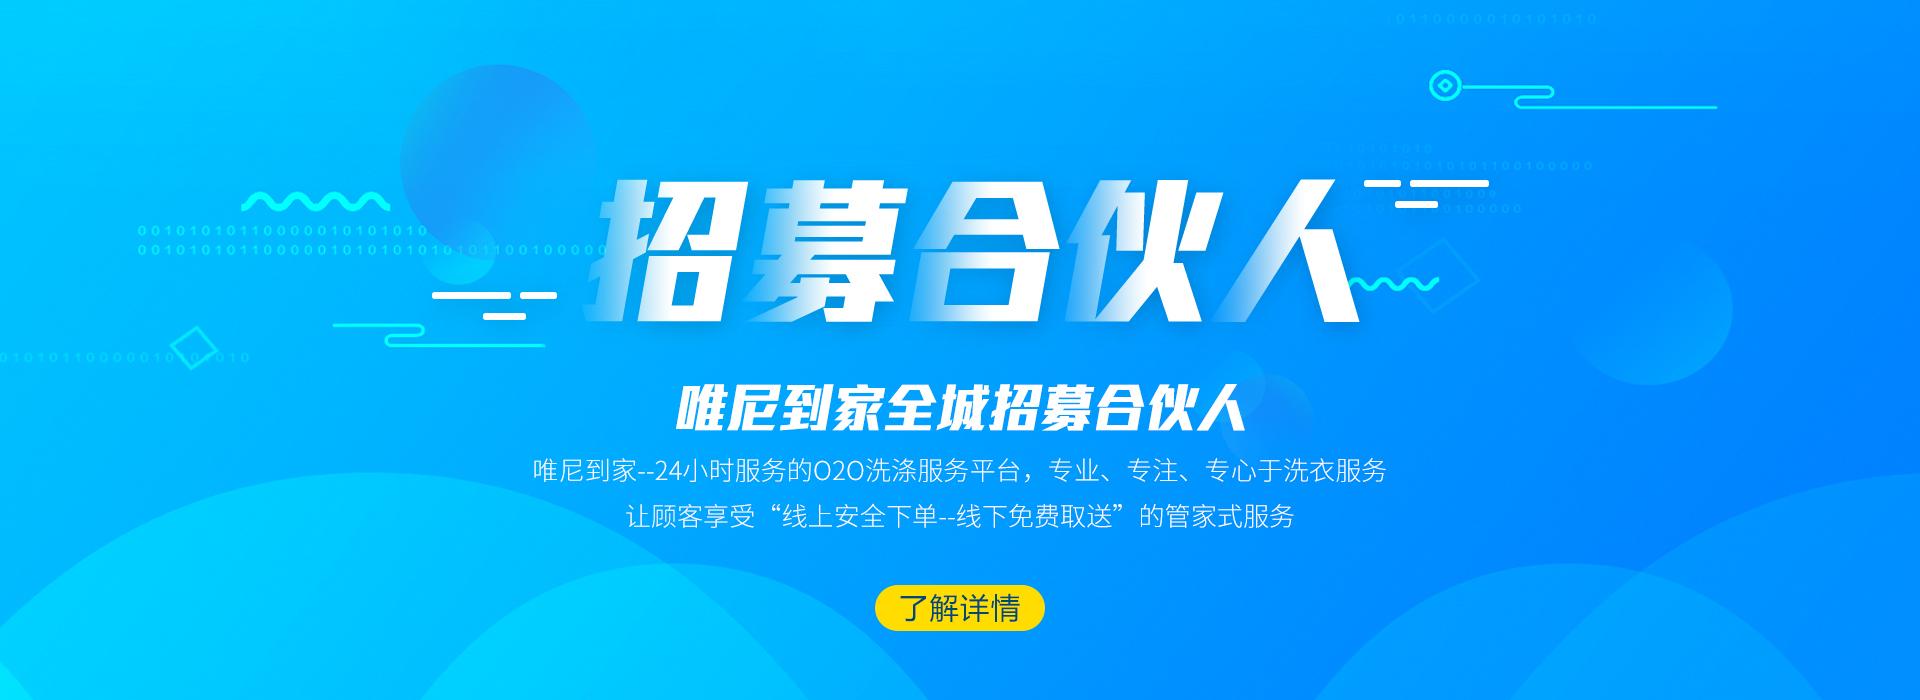 河南唯之尼信息科技有限公司